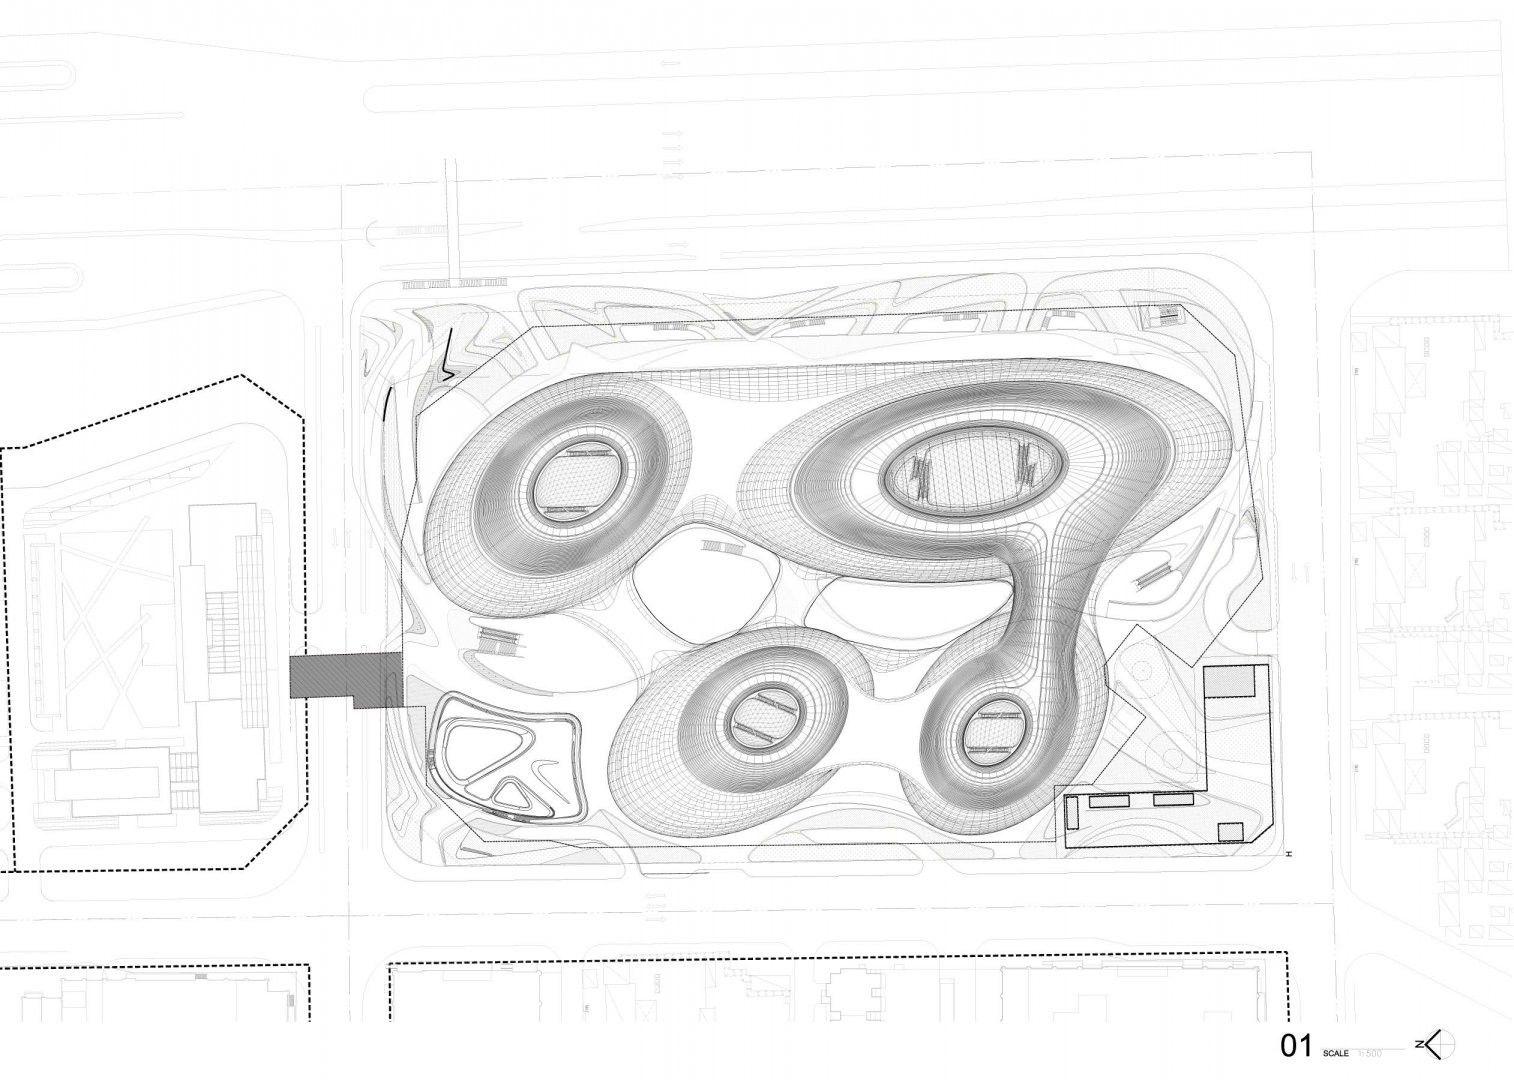 Gallery Of Galaxy Soho Zaha Hadid Architects 19 Zaha Hadid Zaha Hadid Architecture Zaha